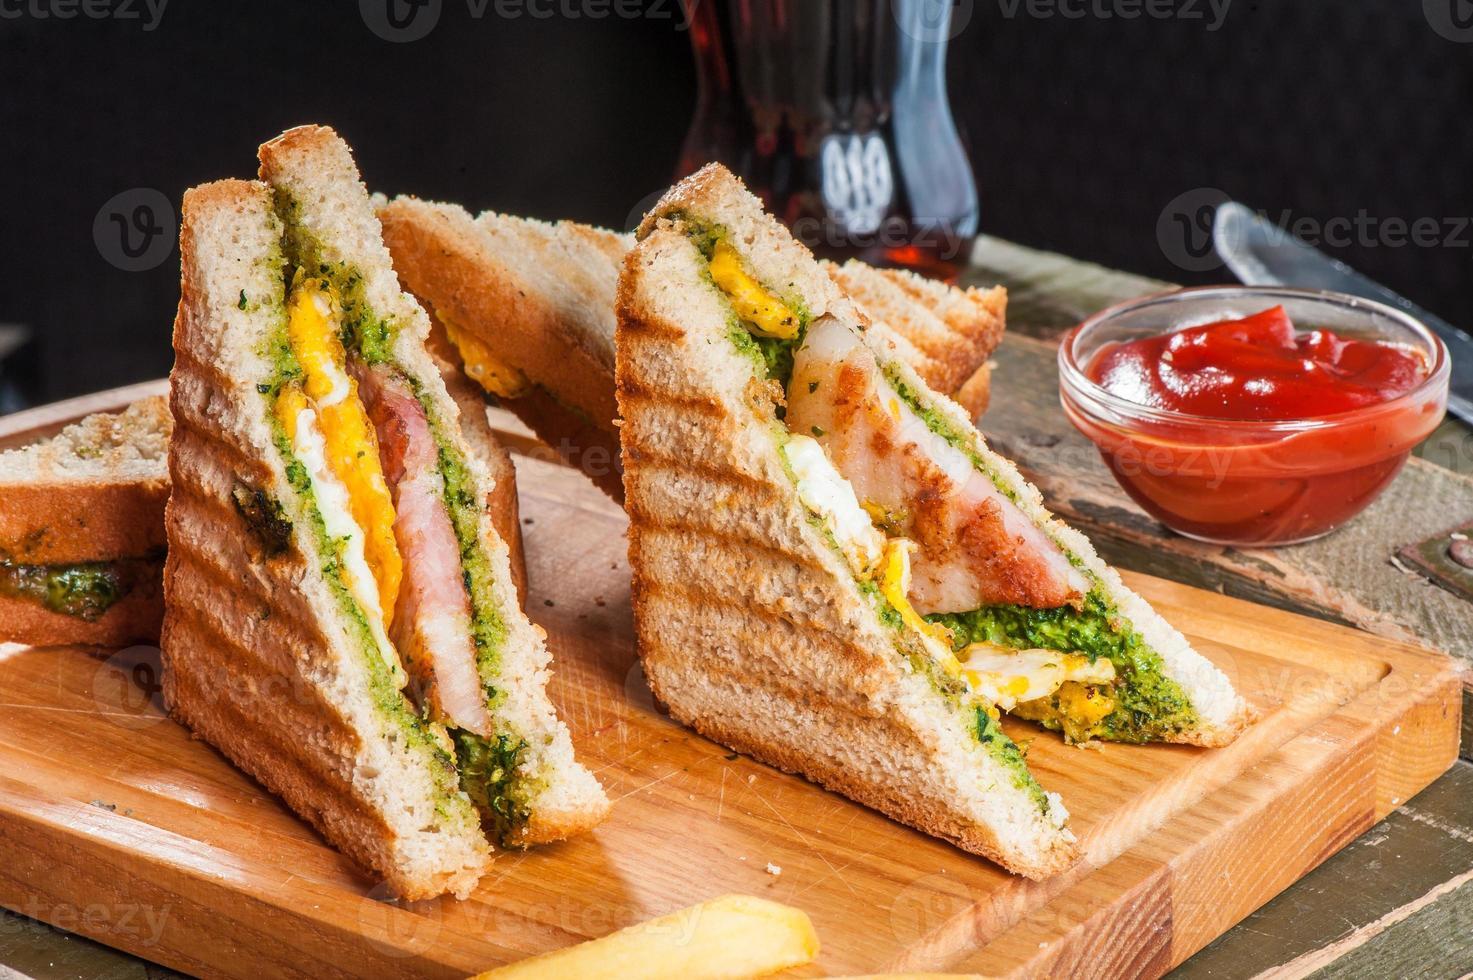 sándwiches a la parrilla con pollo y huevo foto